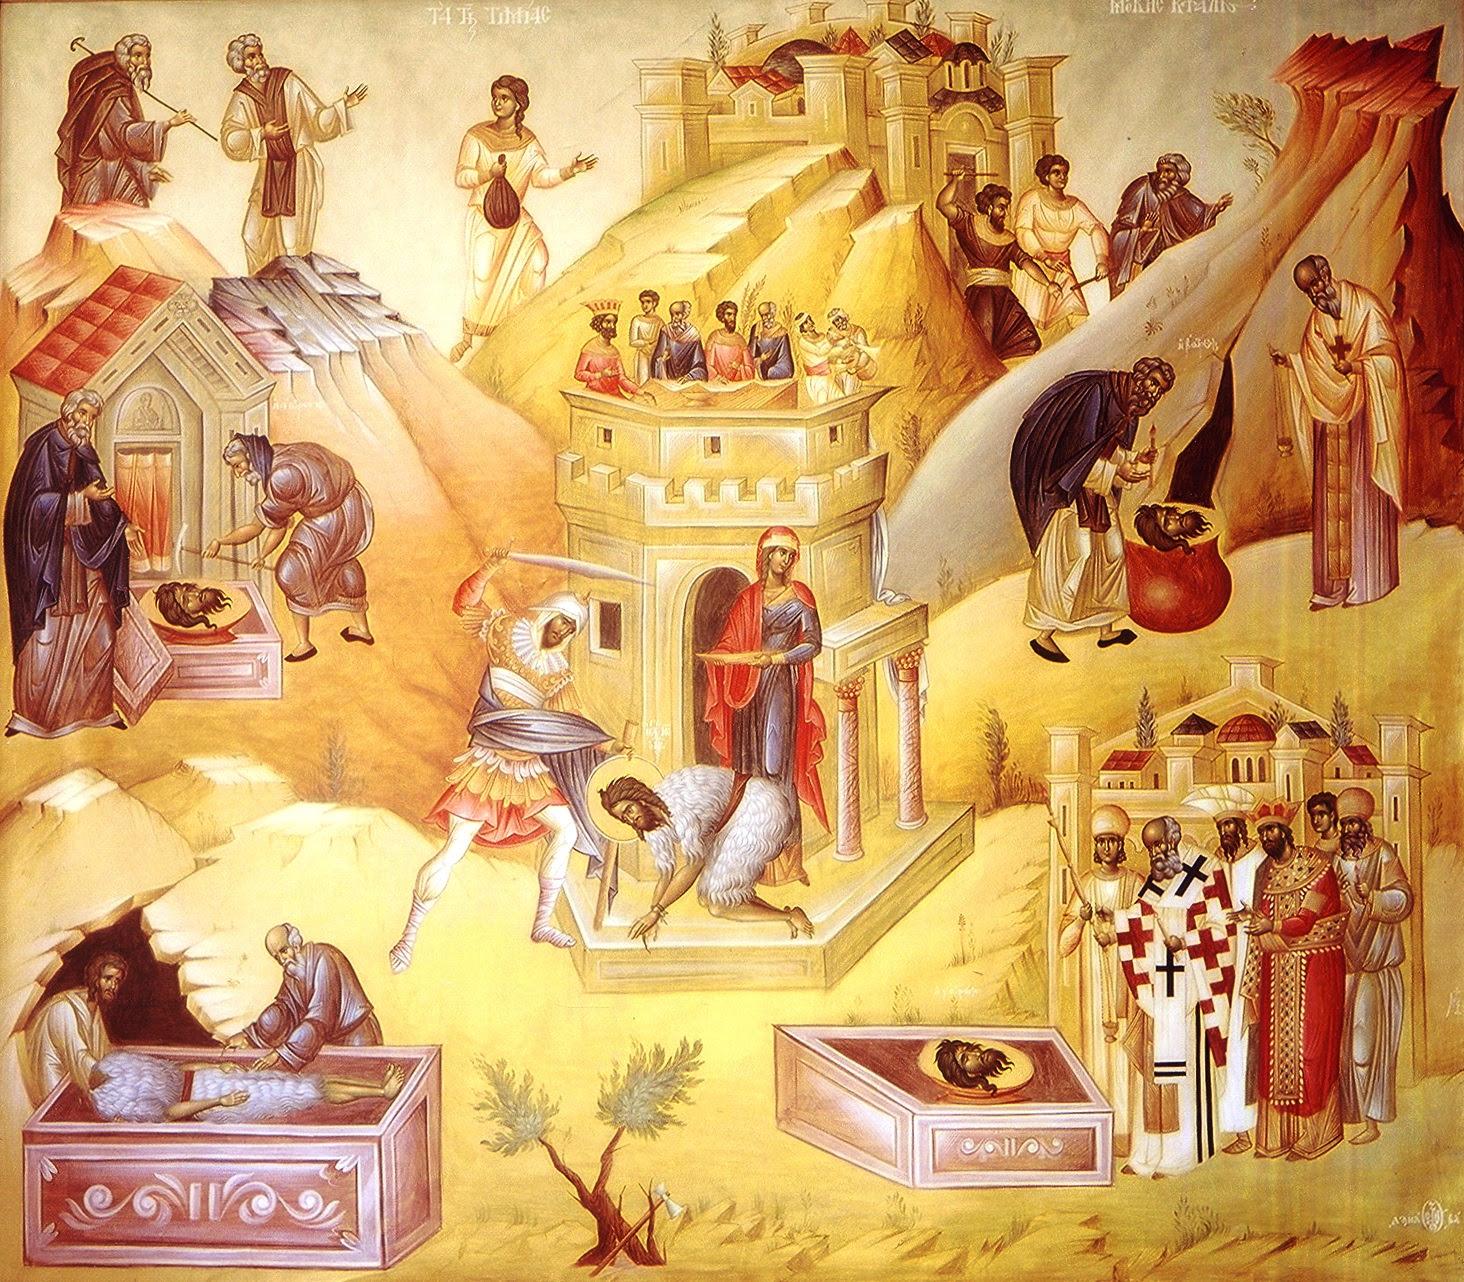 Αποτέλεσμα εικόνας για Γ' ΕΥΡΕΣΕΩΣ ΤΗΣ ΤΙΜΙΑΣ ΚΕΦΑΛΗΣ ΤΟΥ ΑΓΙΟΥ ΙΩΑΝΝΟΥ ΤΟΥ ΠΡΟΔΡΟΜΟΥ 25 Μαΐου Πάτριο Ὀρθόδοξο Ἑορτολόγιο